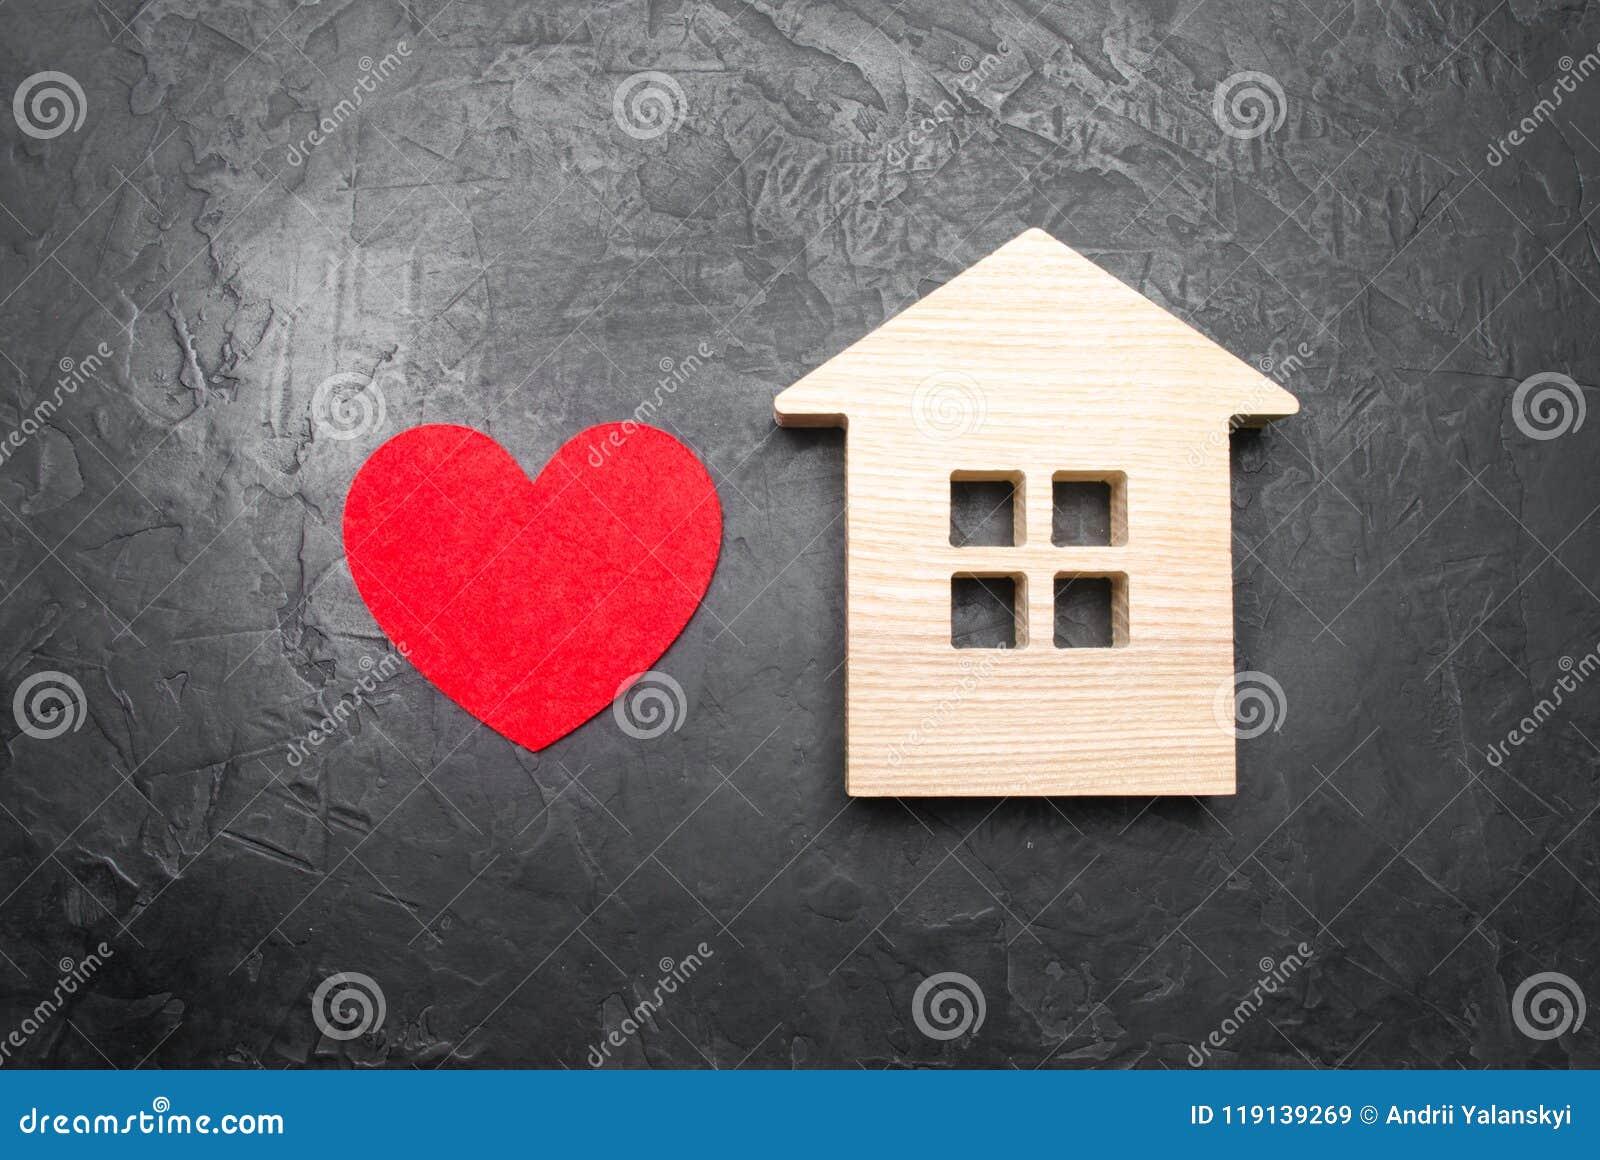 Hart en blokhuis op een grijze concrete achtergrond Het concept een liefdenest, het onderzoek naar nieuwe betaalbare huisvesting